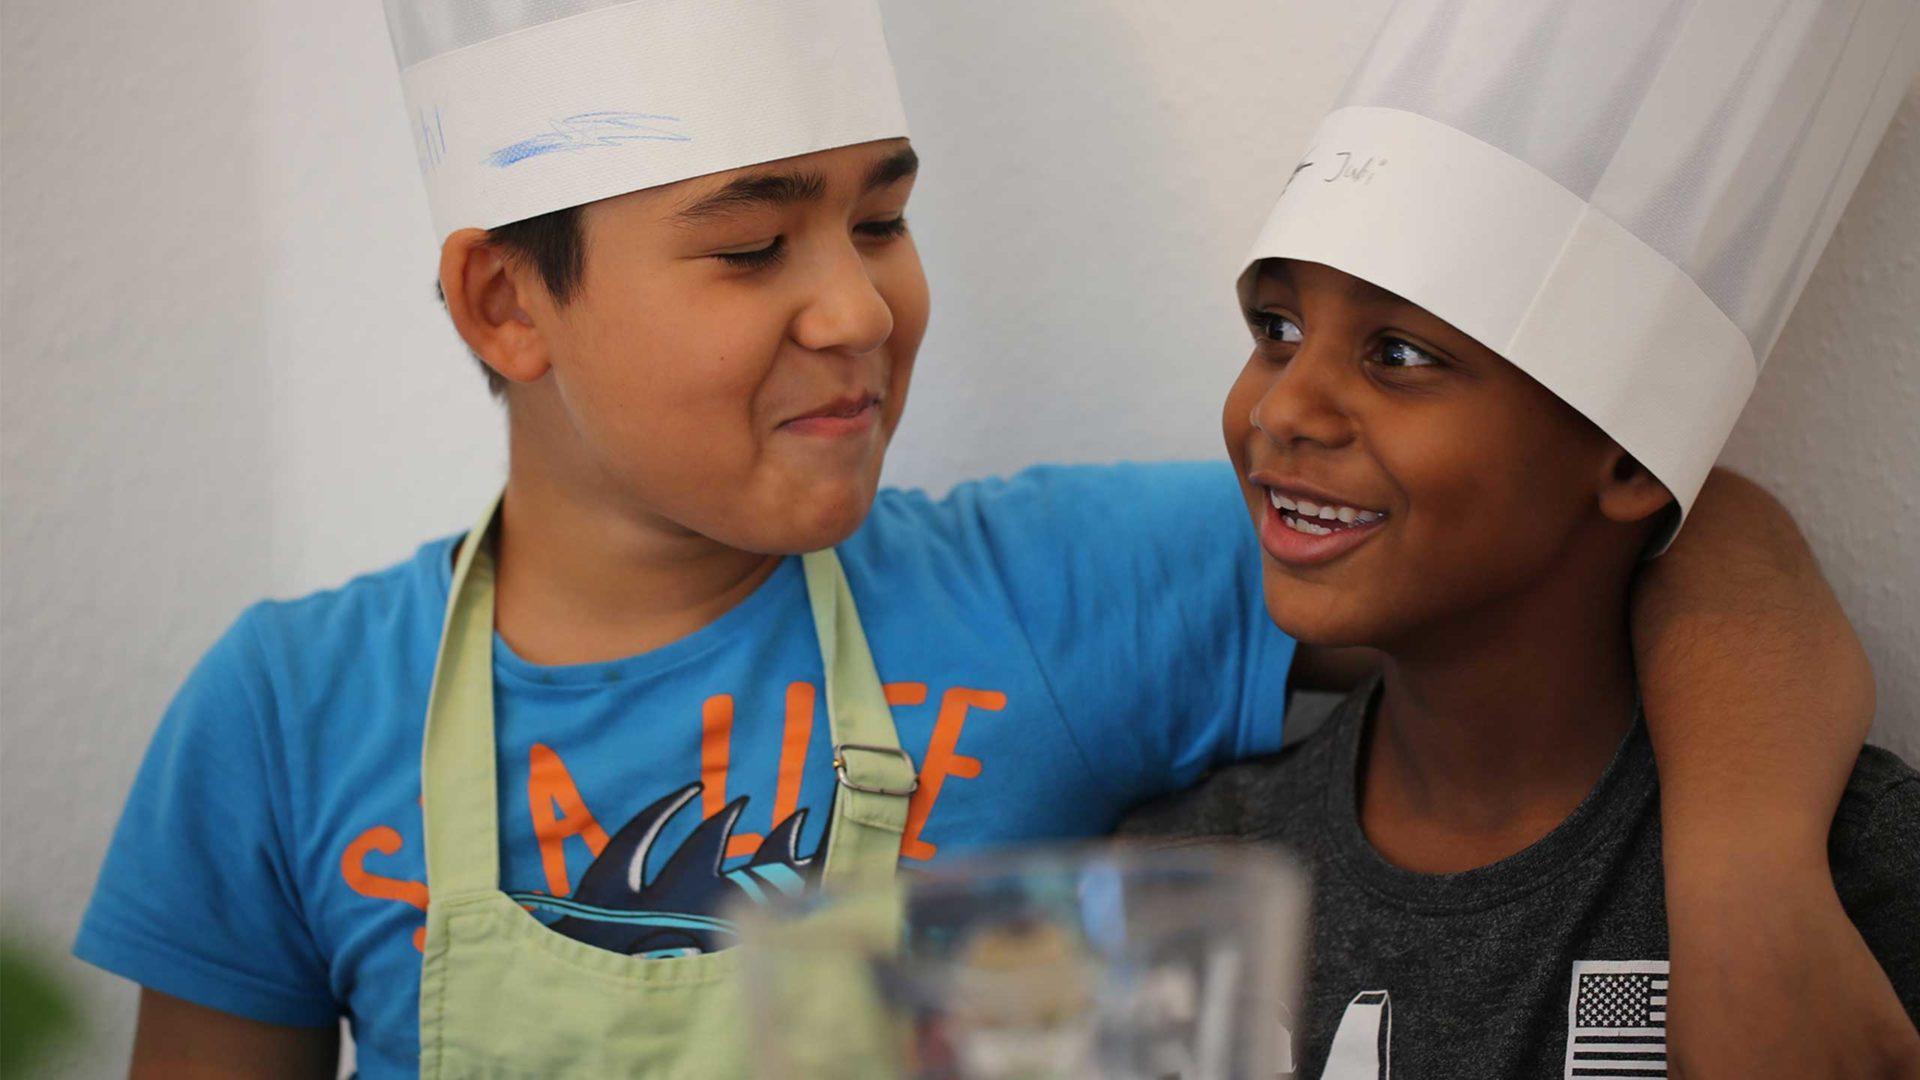 Kochen und Backen verbindet. Die Kinder verstehen sich untereinander super.